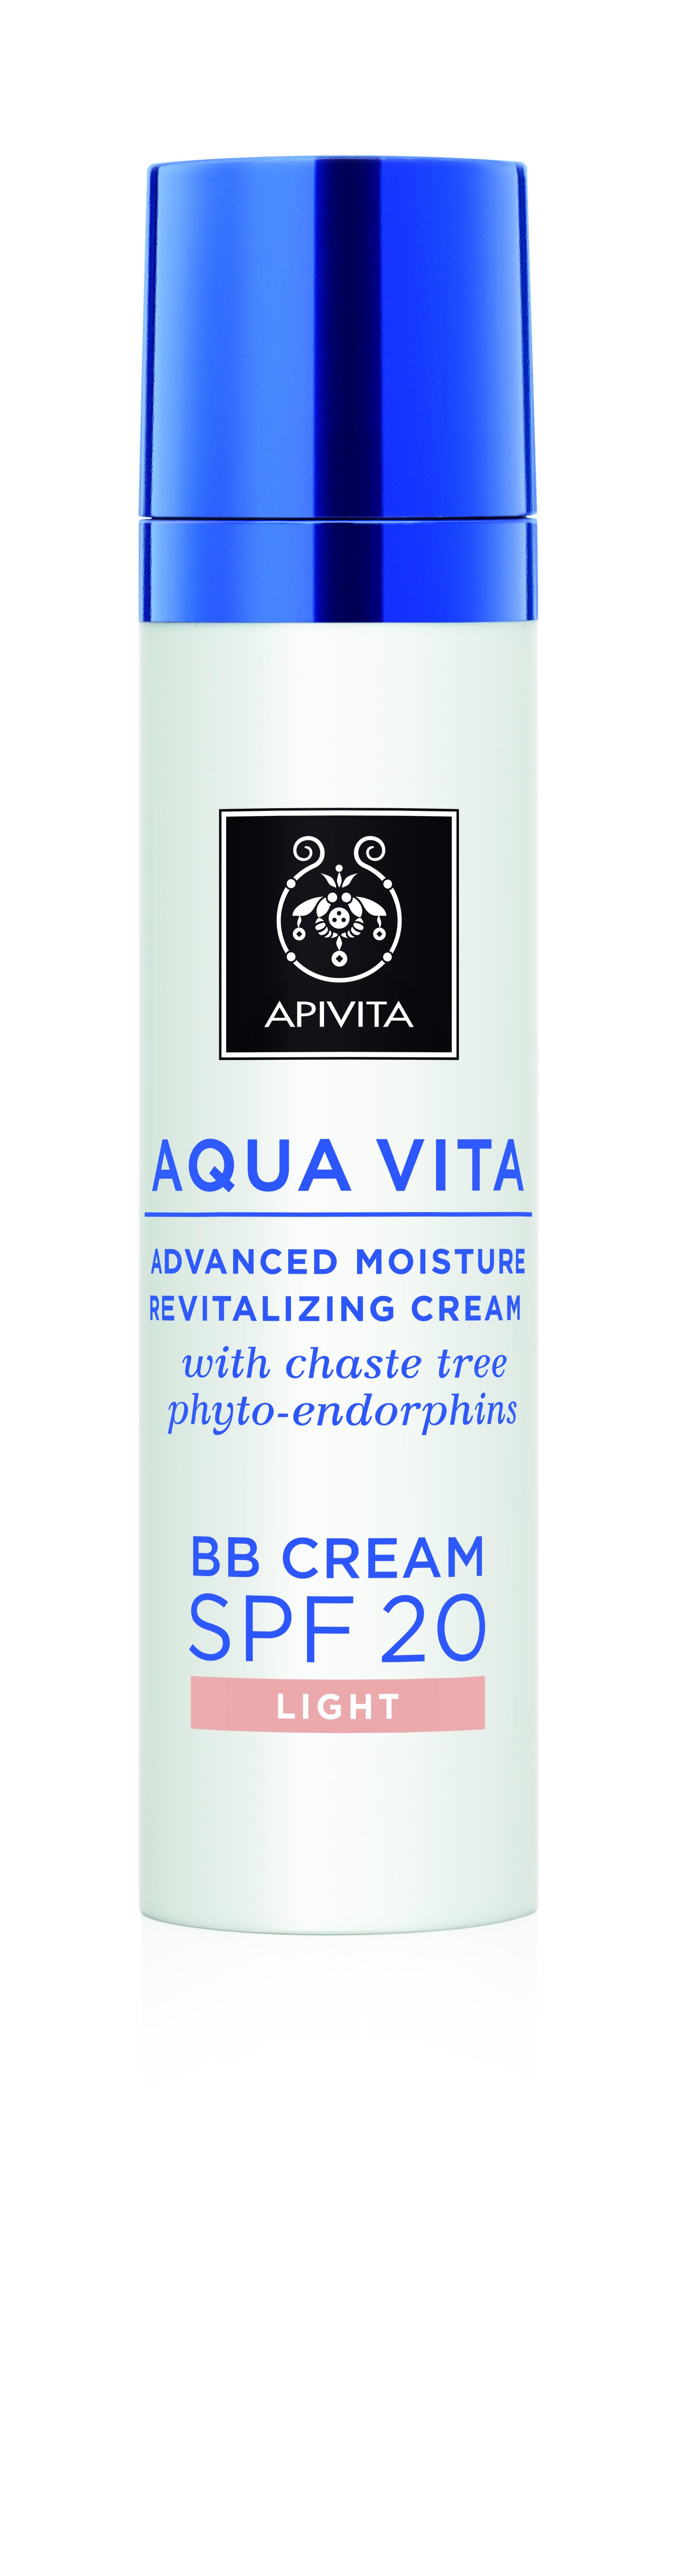 Aqua Vita BB cream